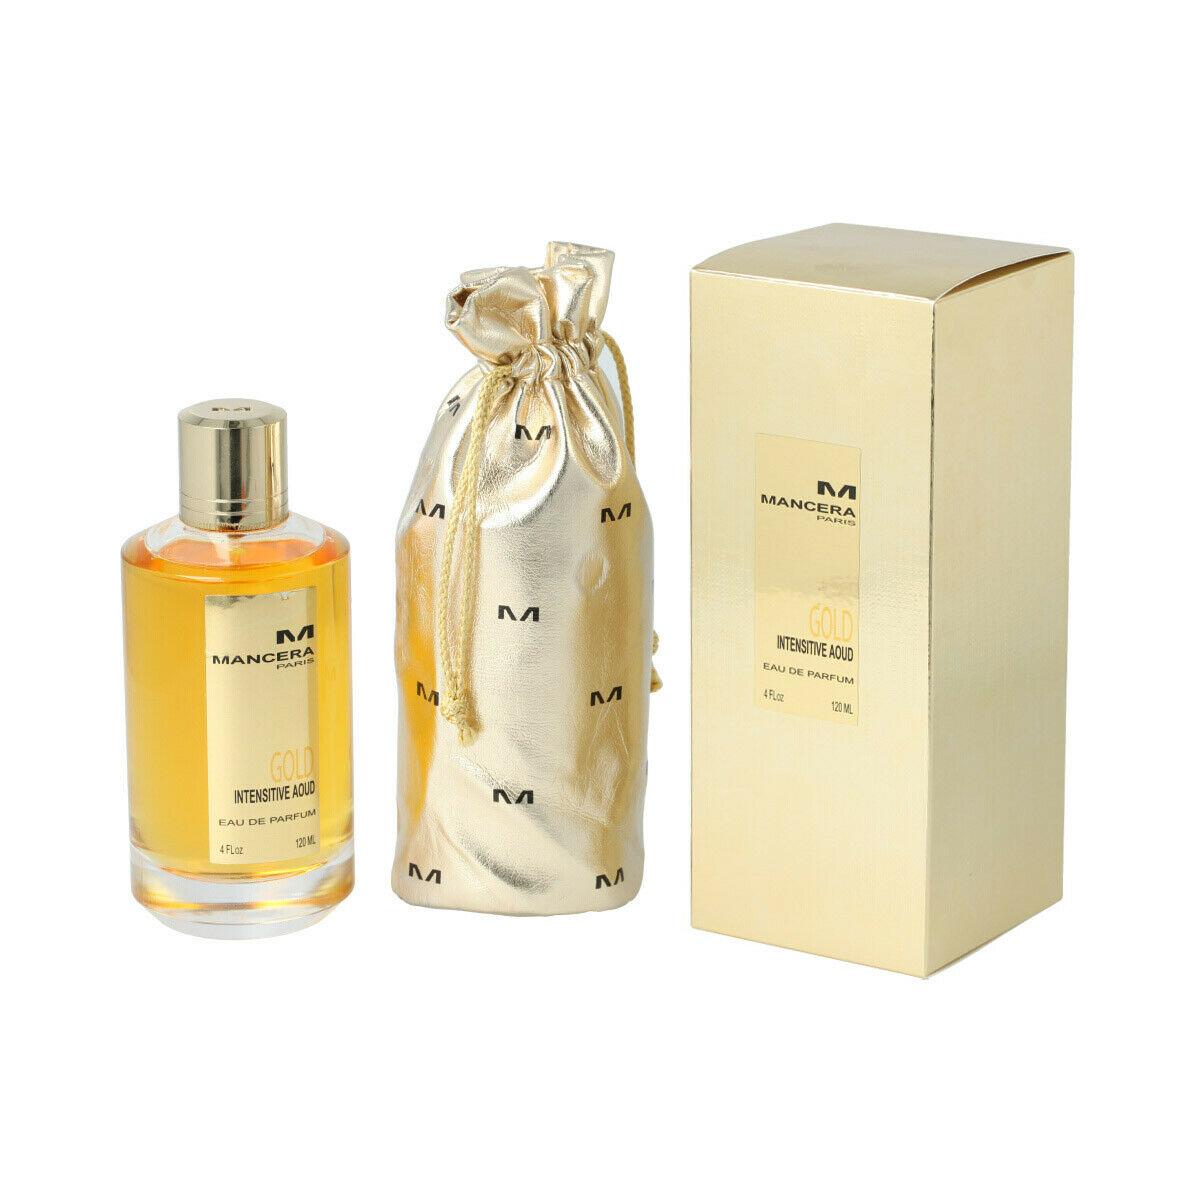 Image of Mancera Paris Gold Intensitive Aoud - Eau de Parfum 120 ml